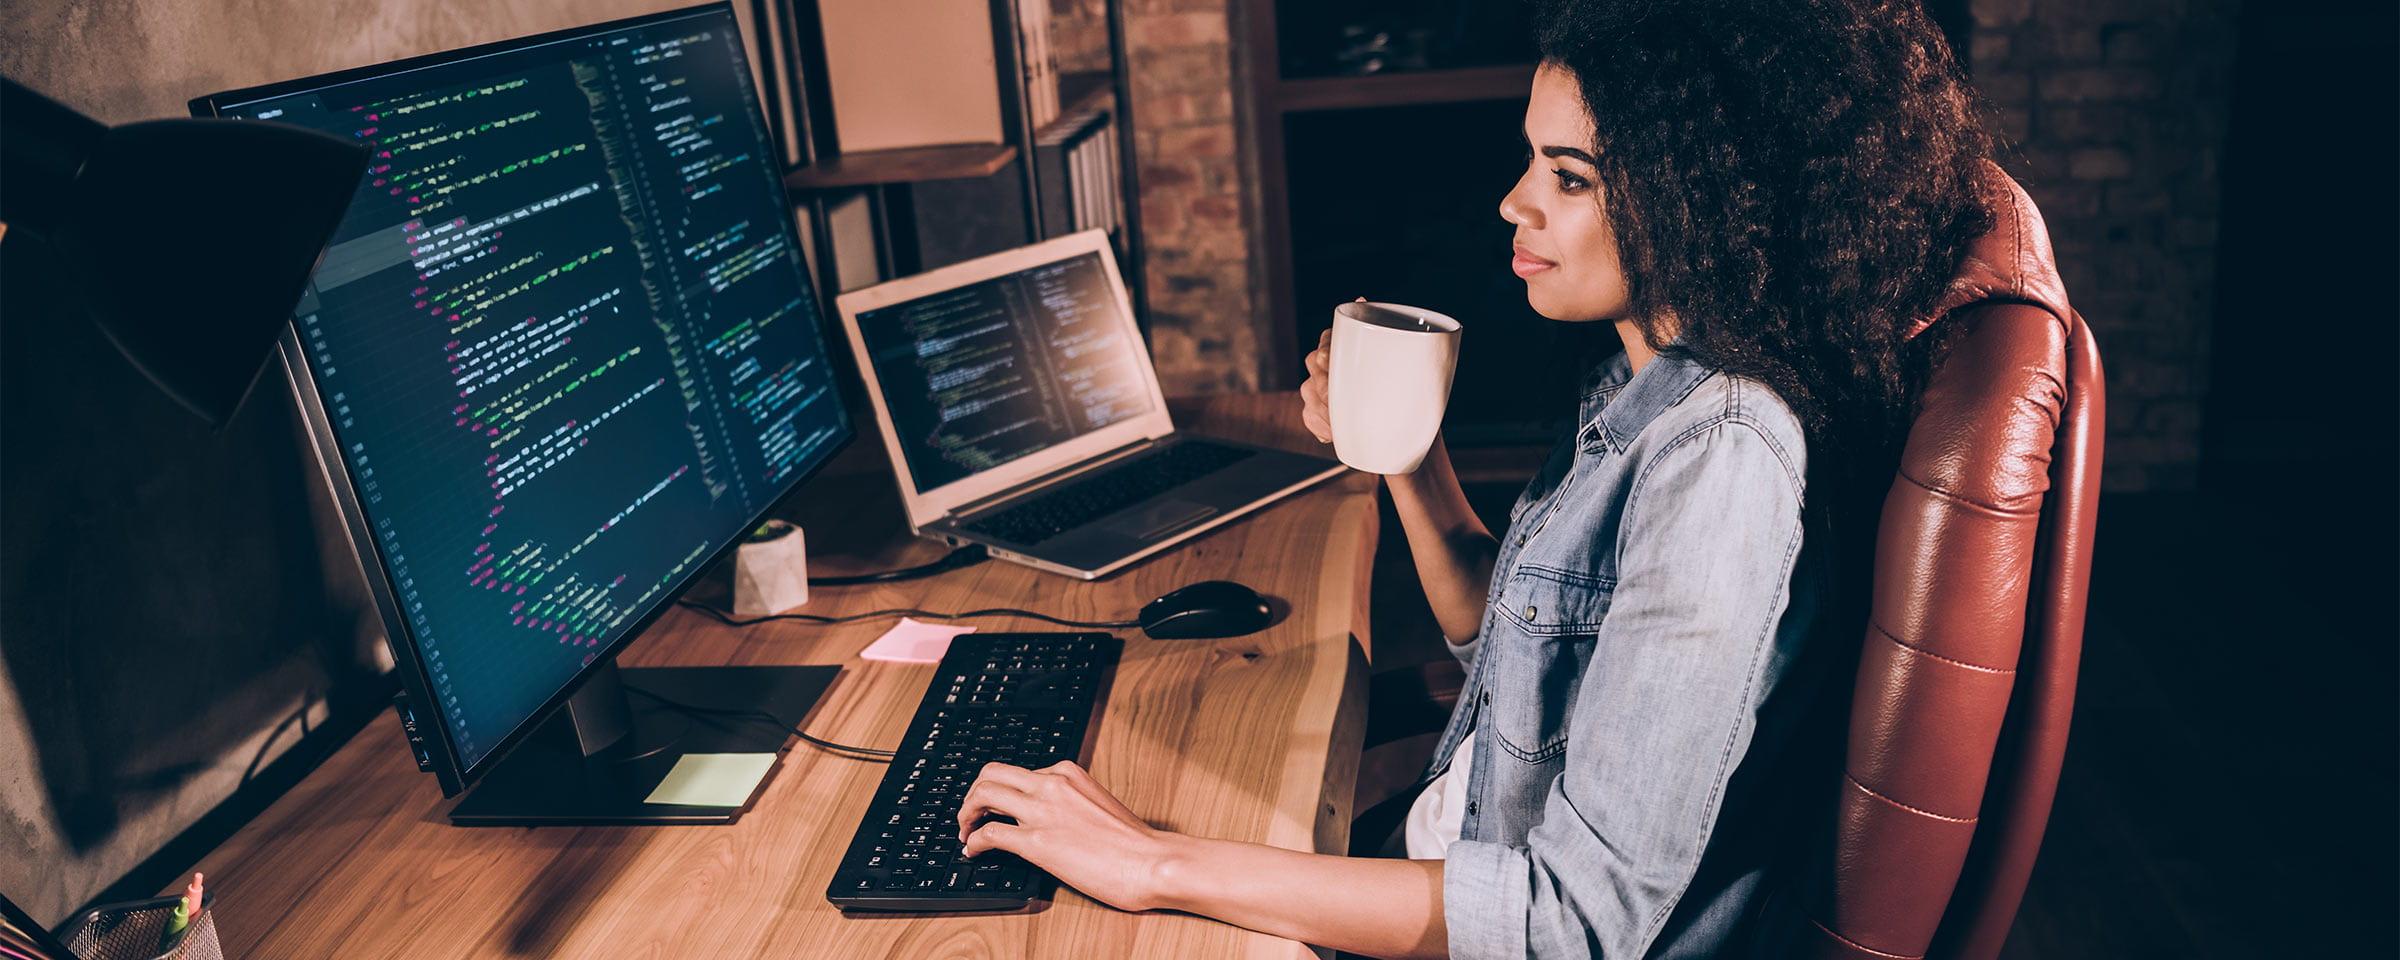 Full Stack Web Developer on the job